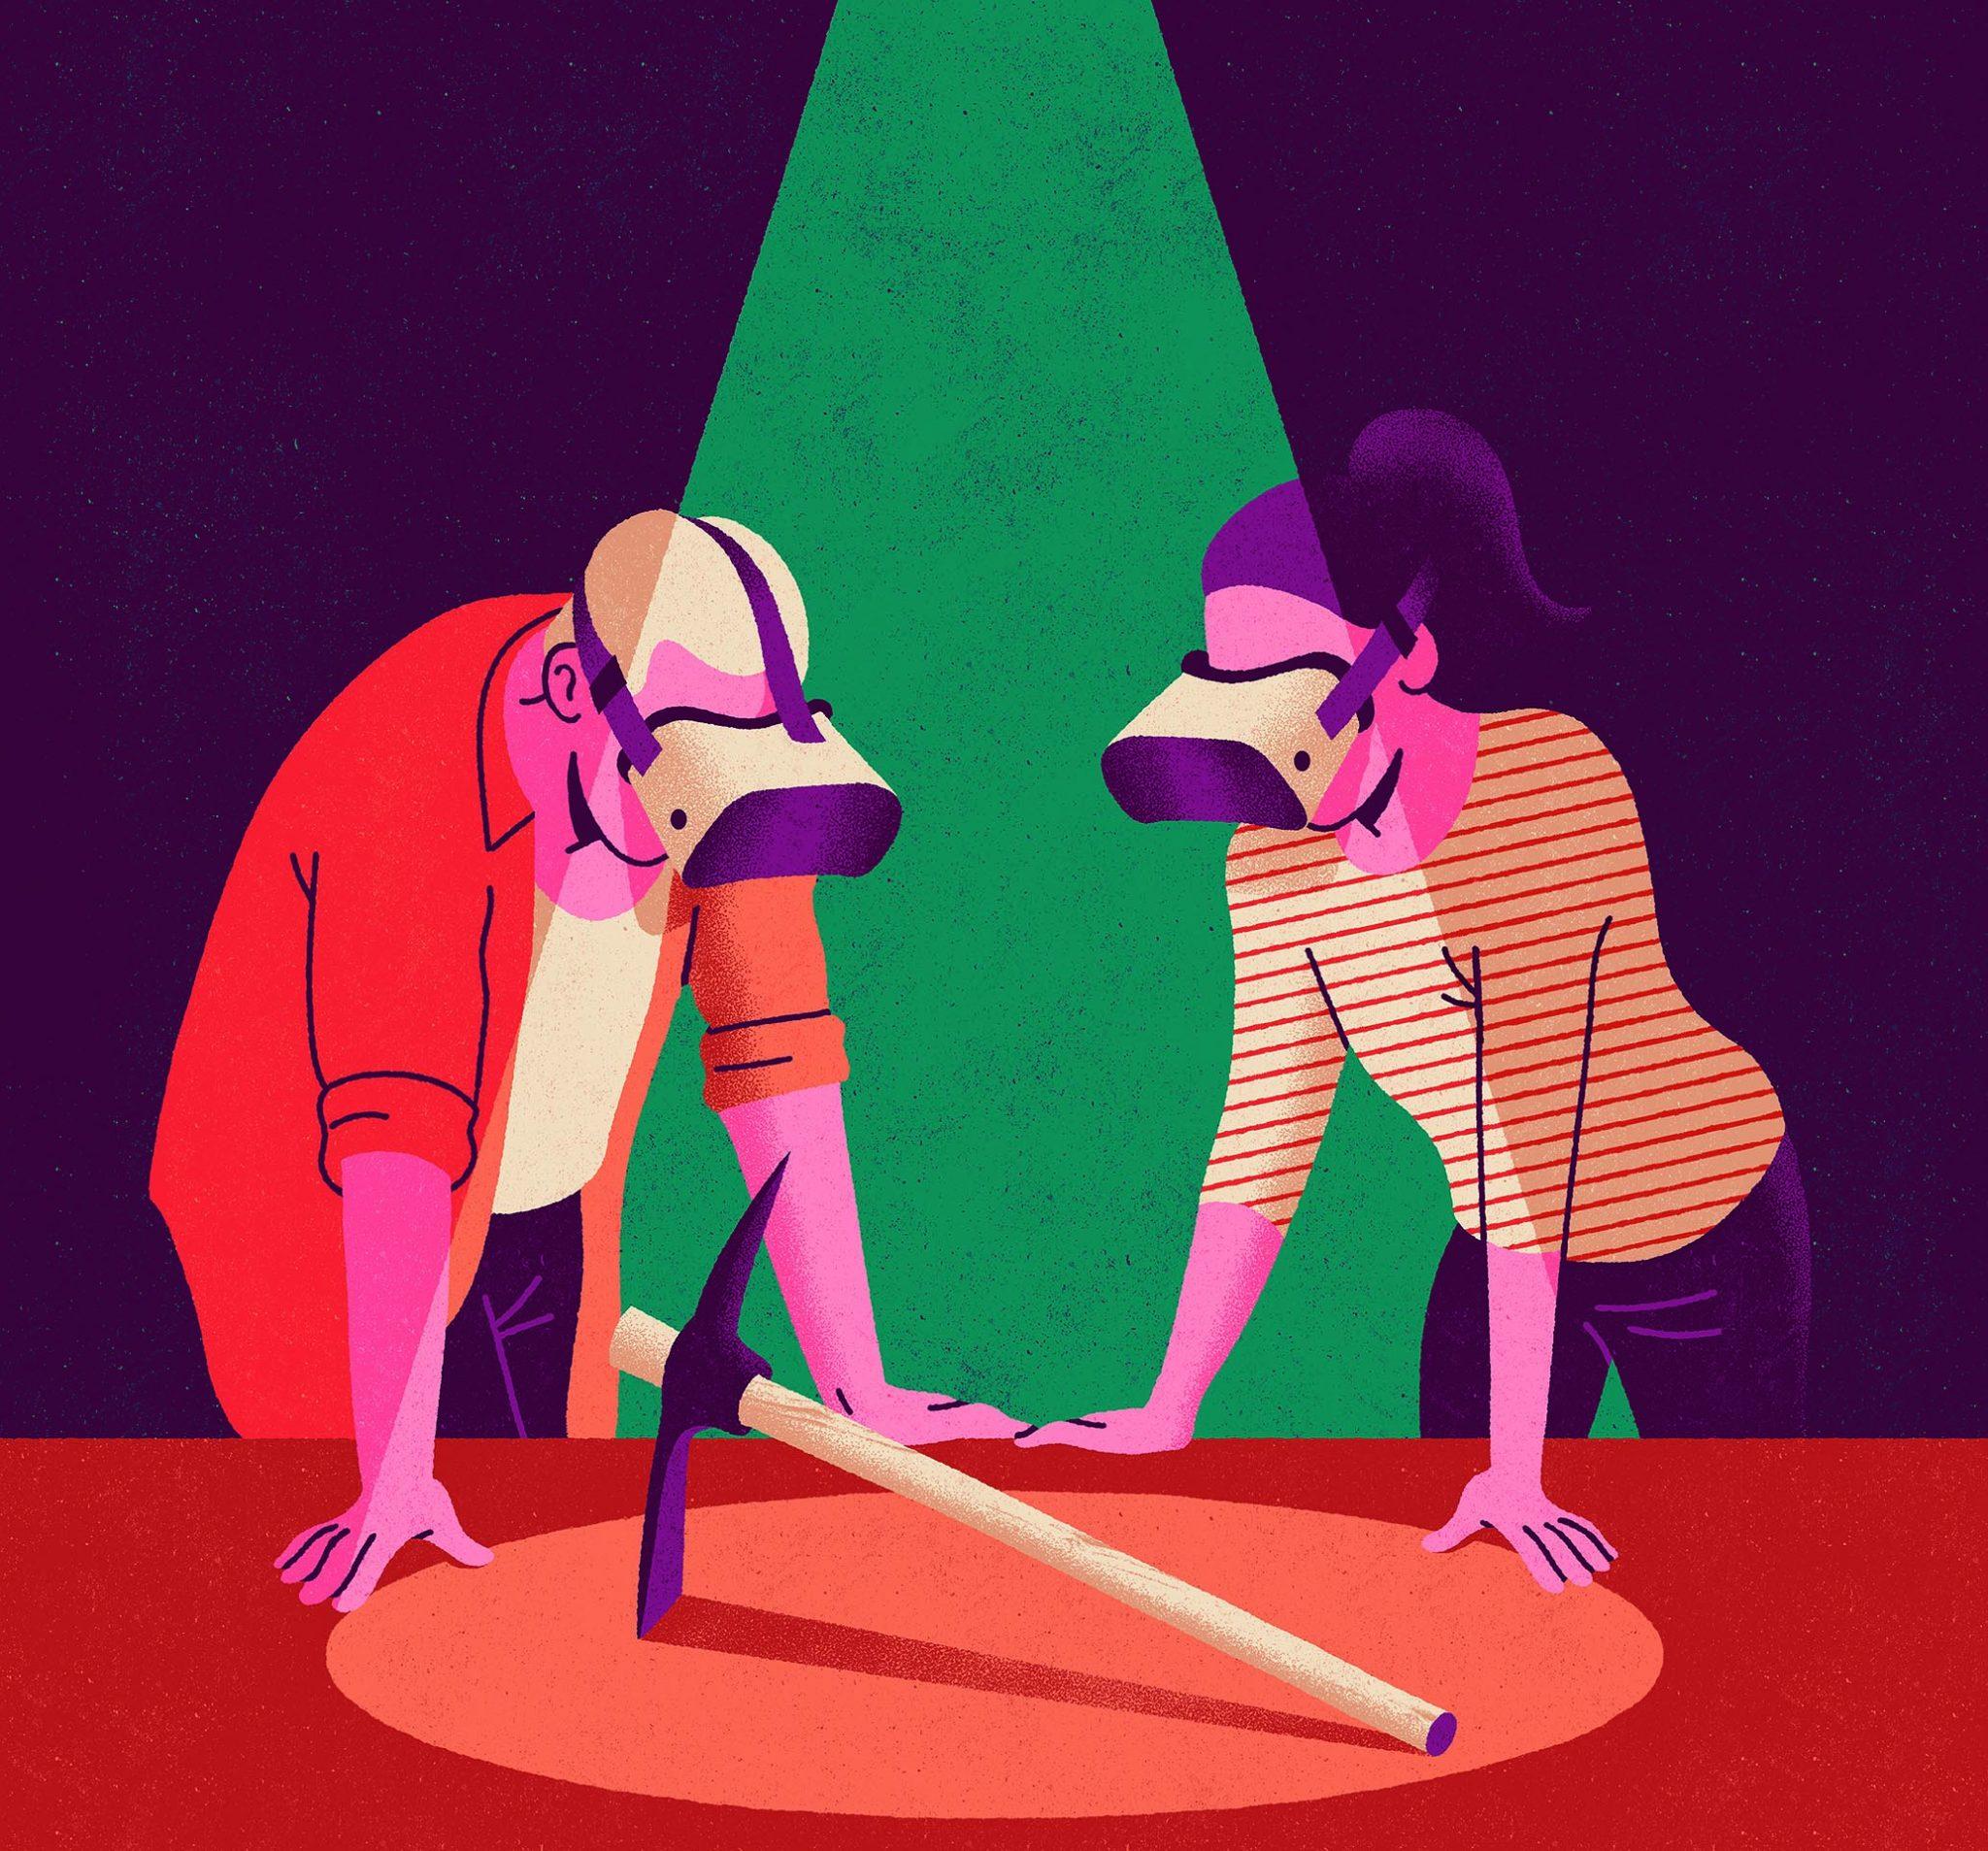 Un chico y una chica con gafas de realidad virtual observan un pico (herramienta). Ilustración: Daniel Diosdado